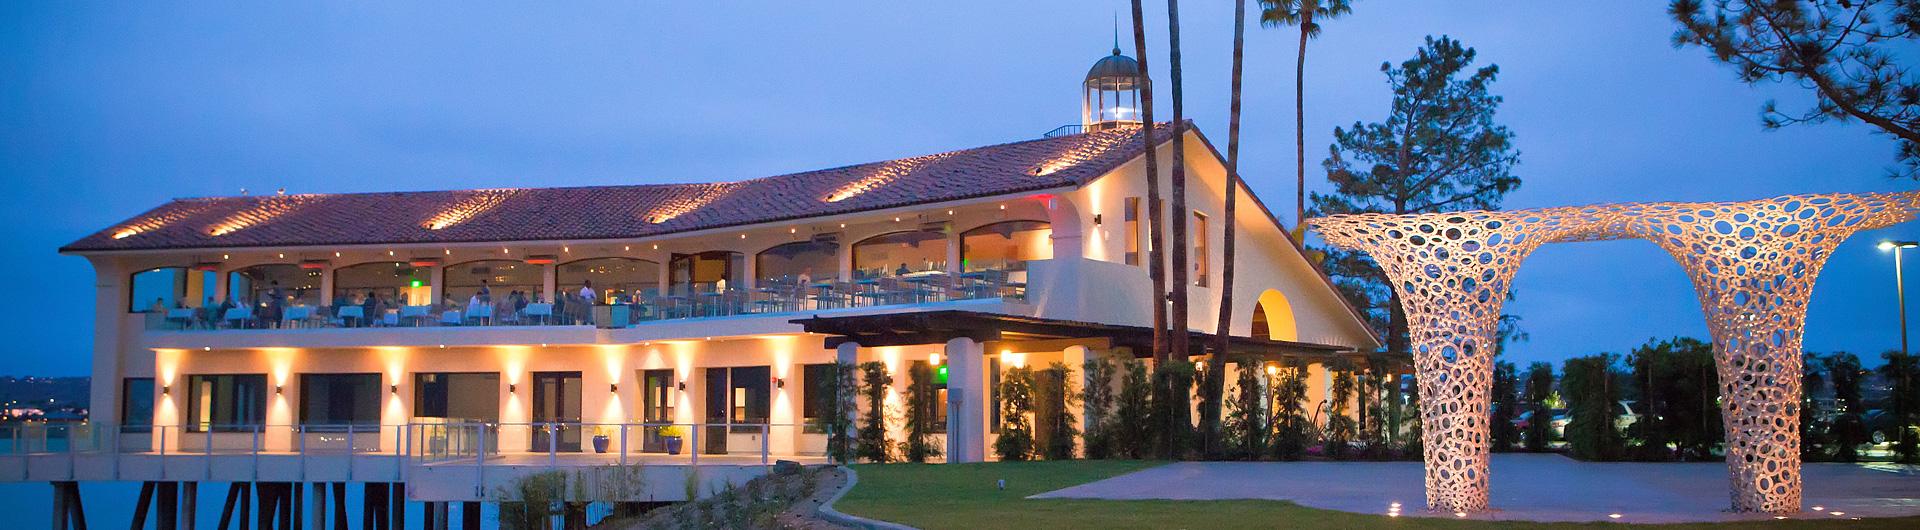 Dónde comer en San Diego, del centro al mar_ligthouse